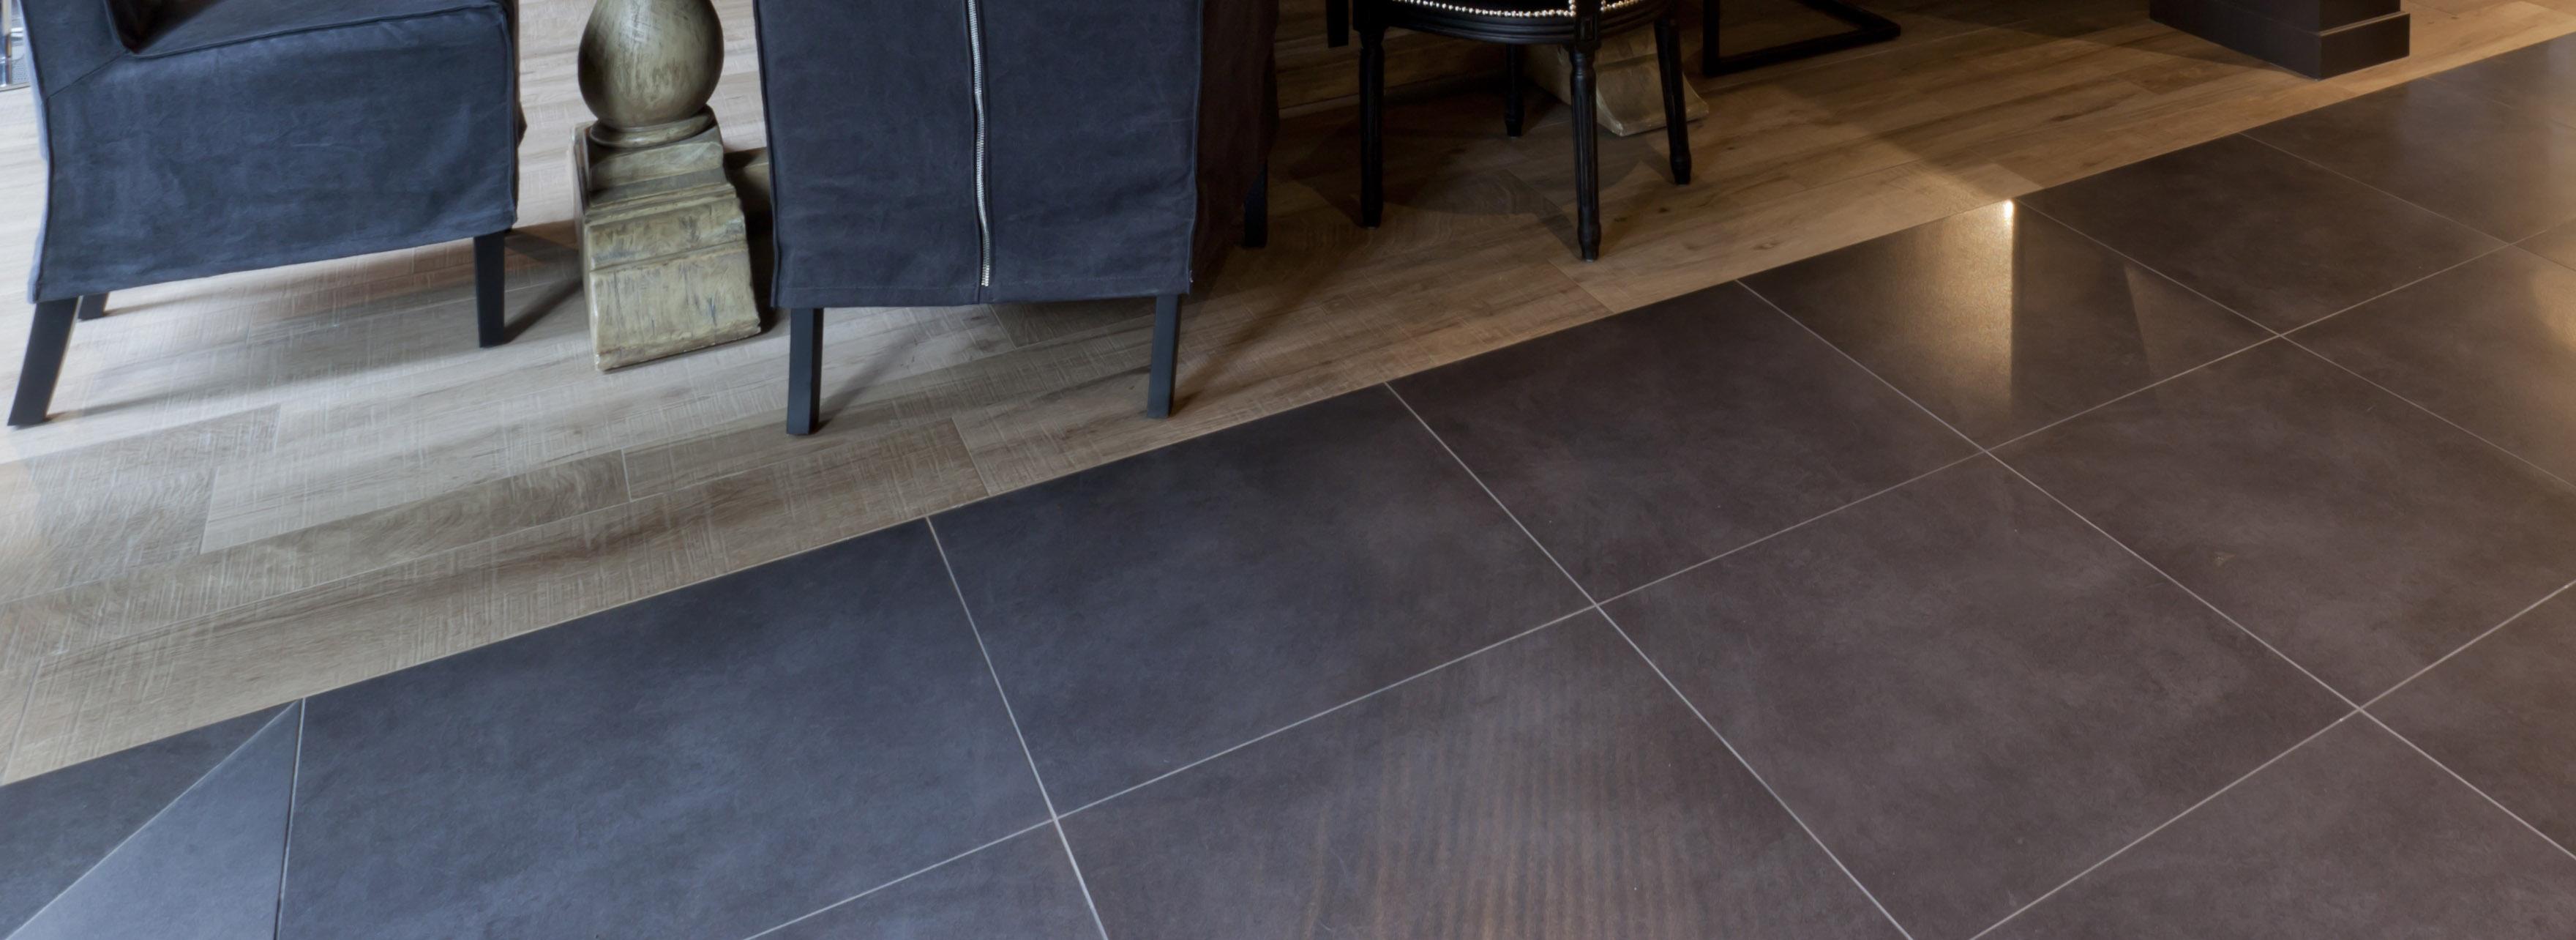 nouveaux carrelages tendances idkrea rennes. Black Bedroom Furniture Sets. Home Design Ideas